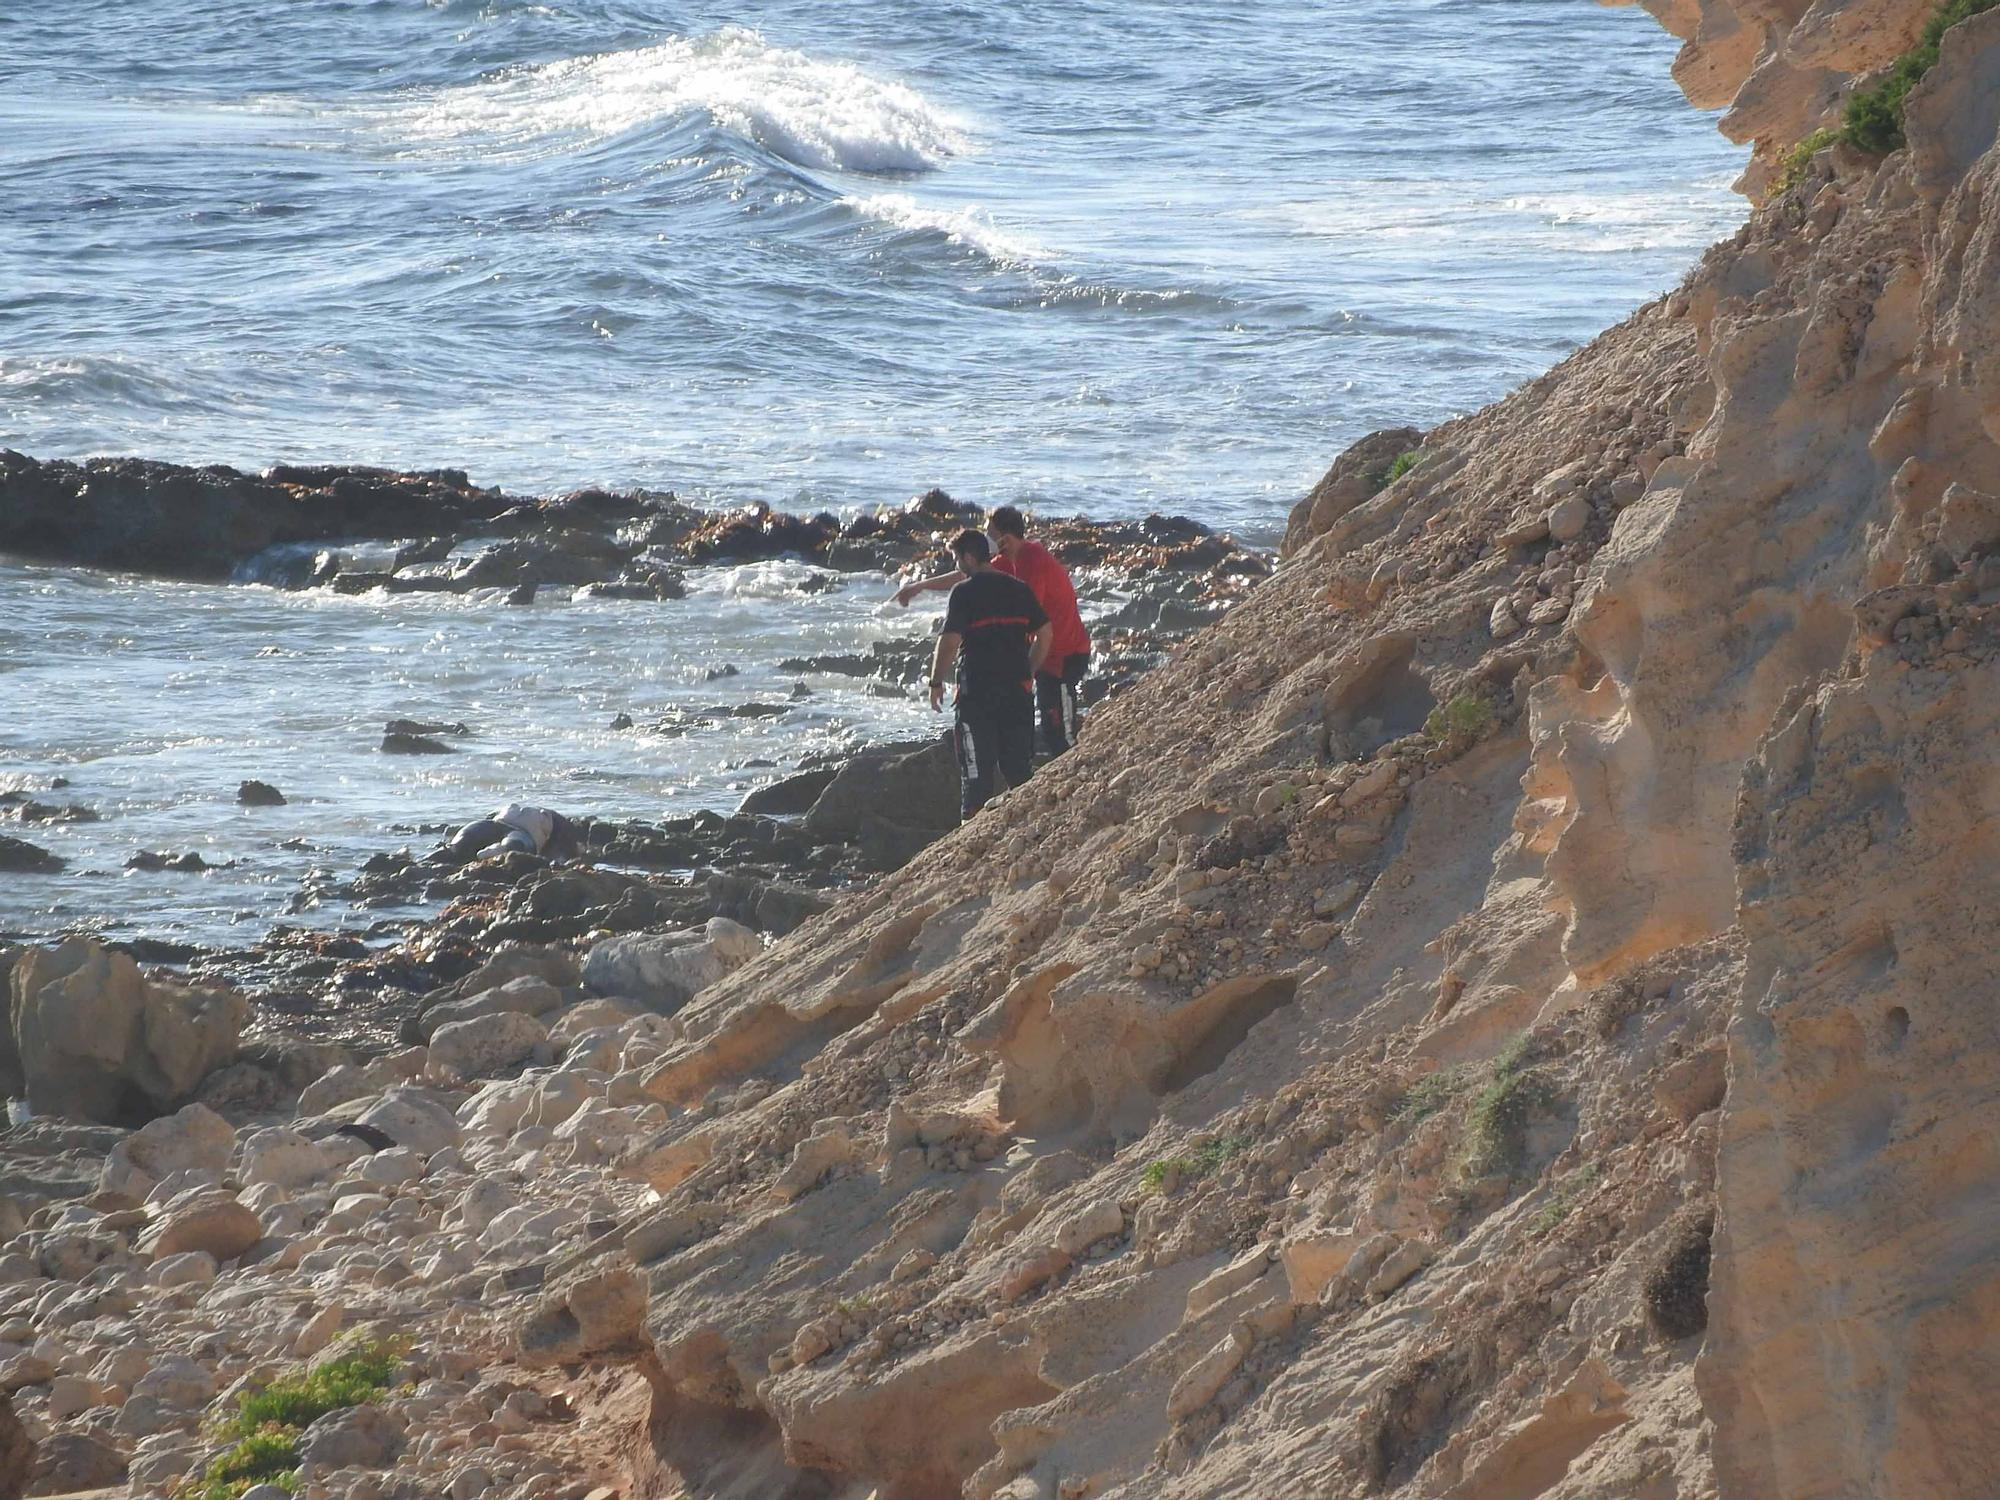 Todas las imágenes del cadáver que ha aparecido flotando en Formentera